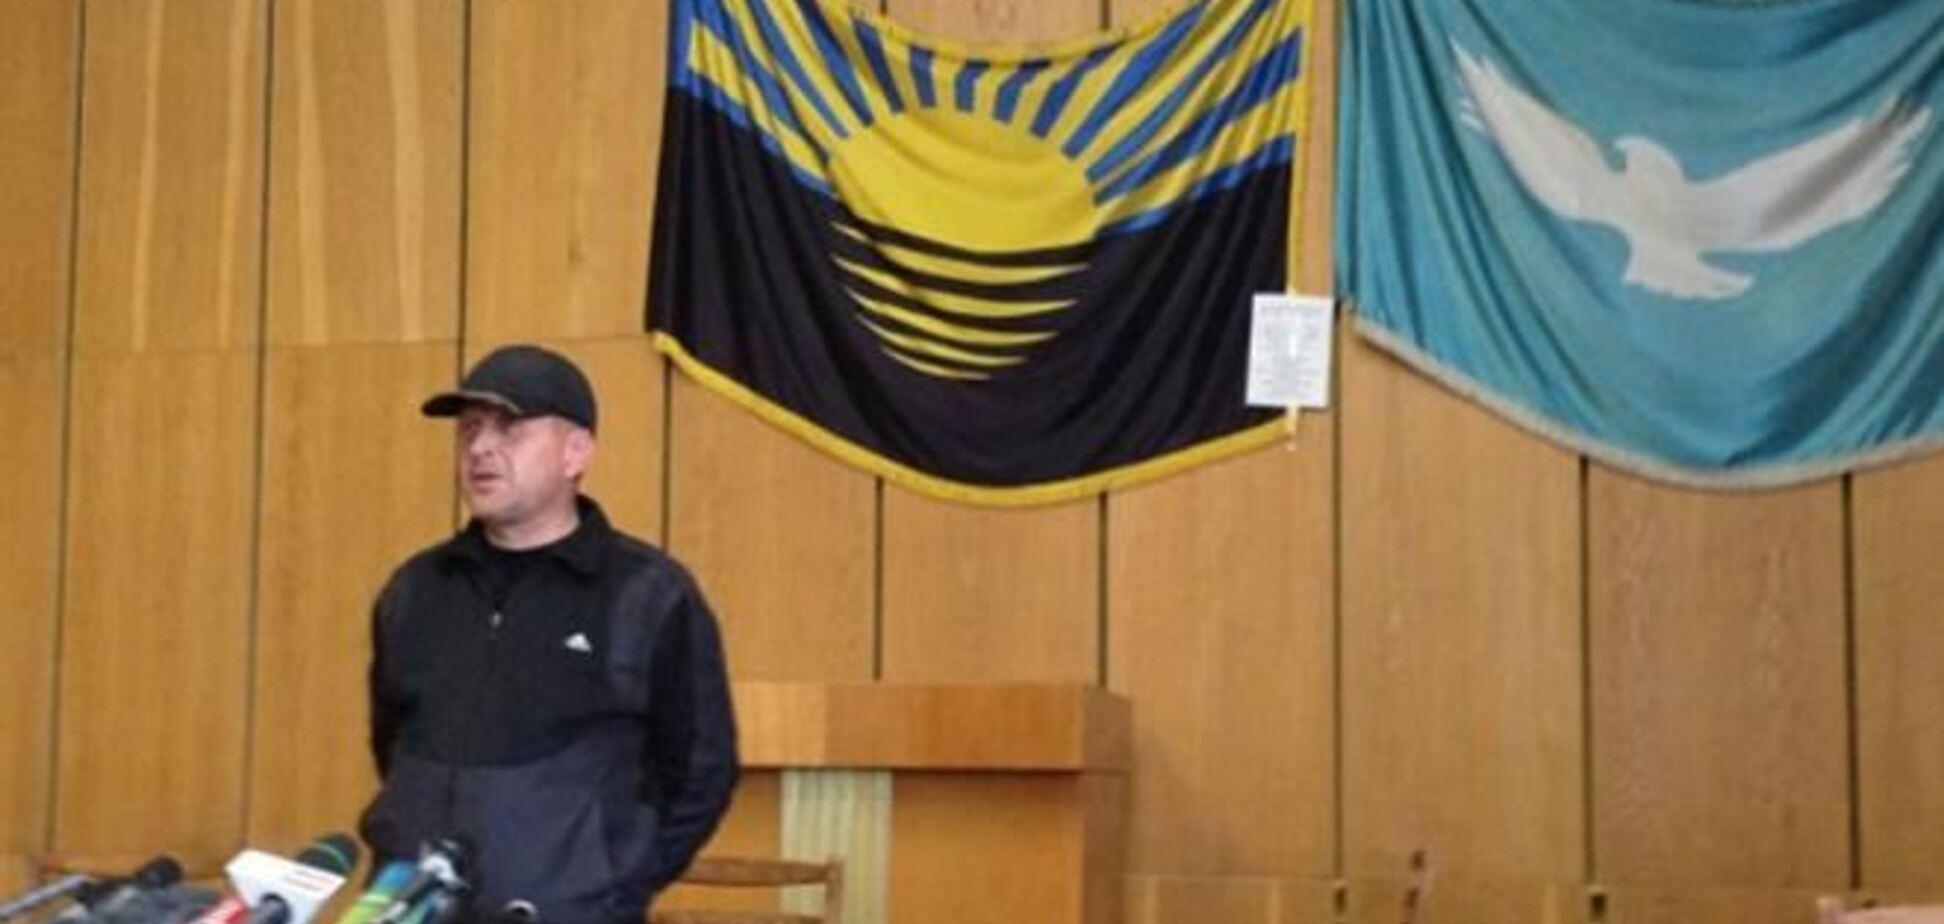 Глава сепаратистов Славянска был доверенным лицом человека из тюрьмы  - СМИ